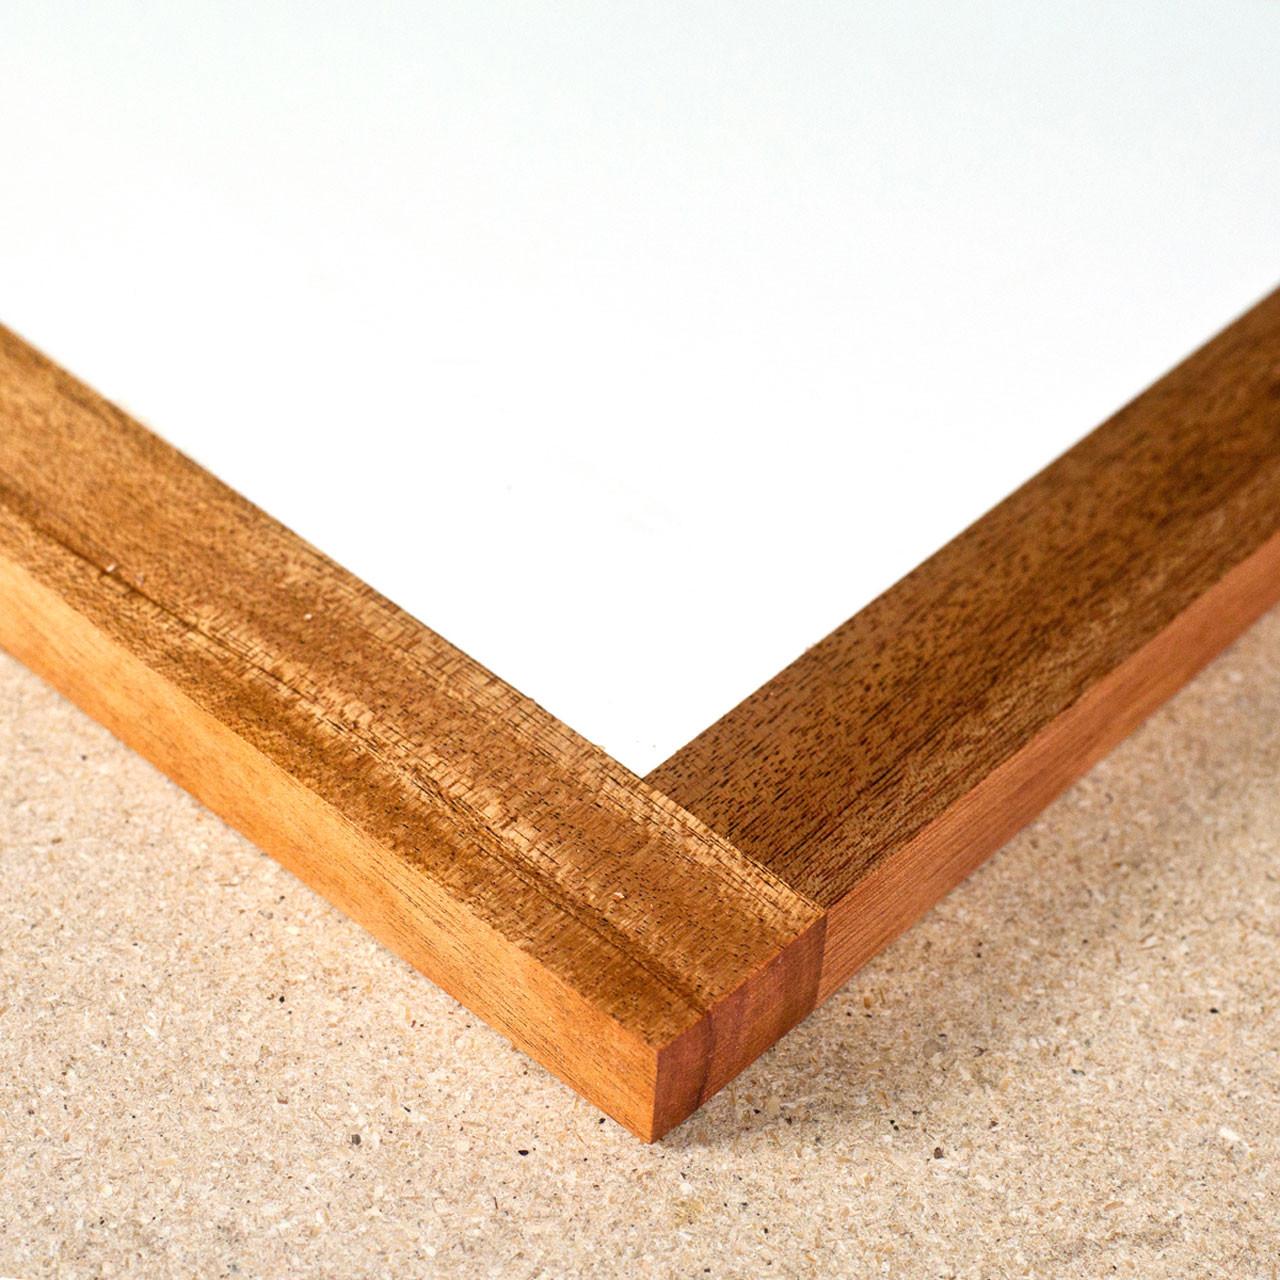 Hoffmann-BH556-Lipping-Planer-Butt-Joint-Panel